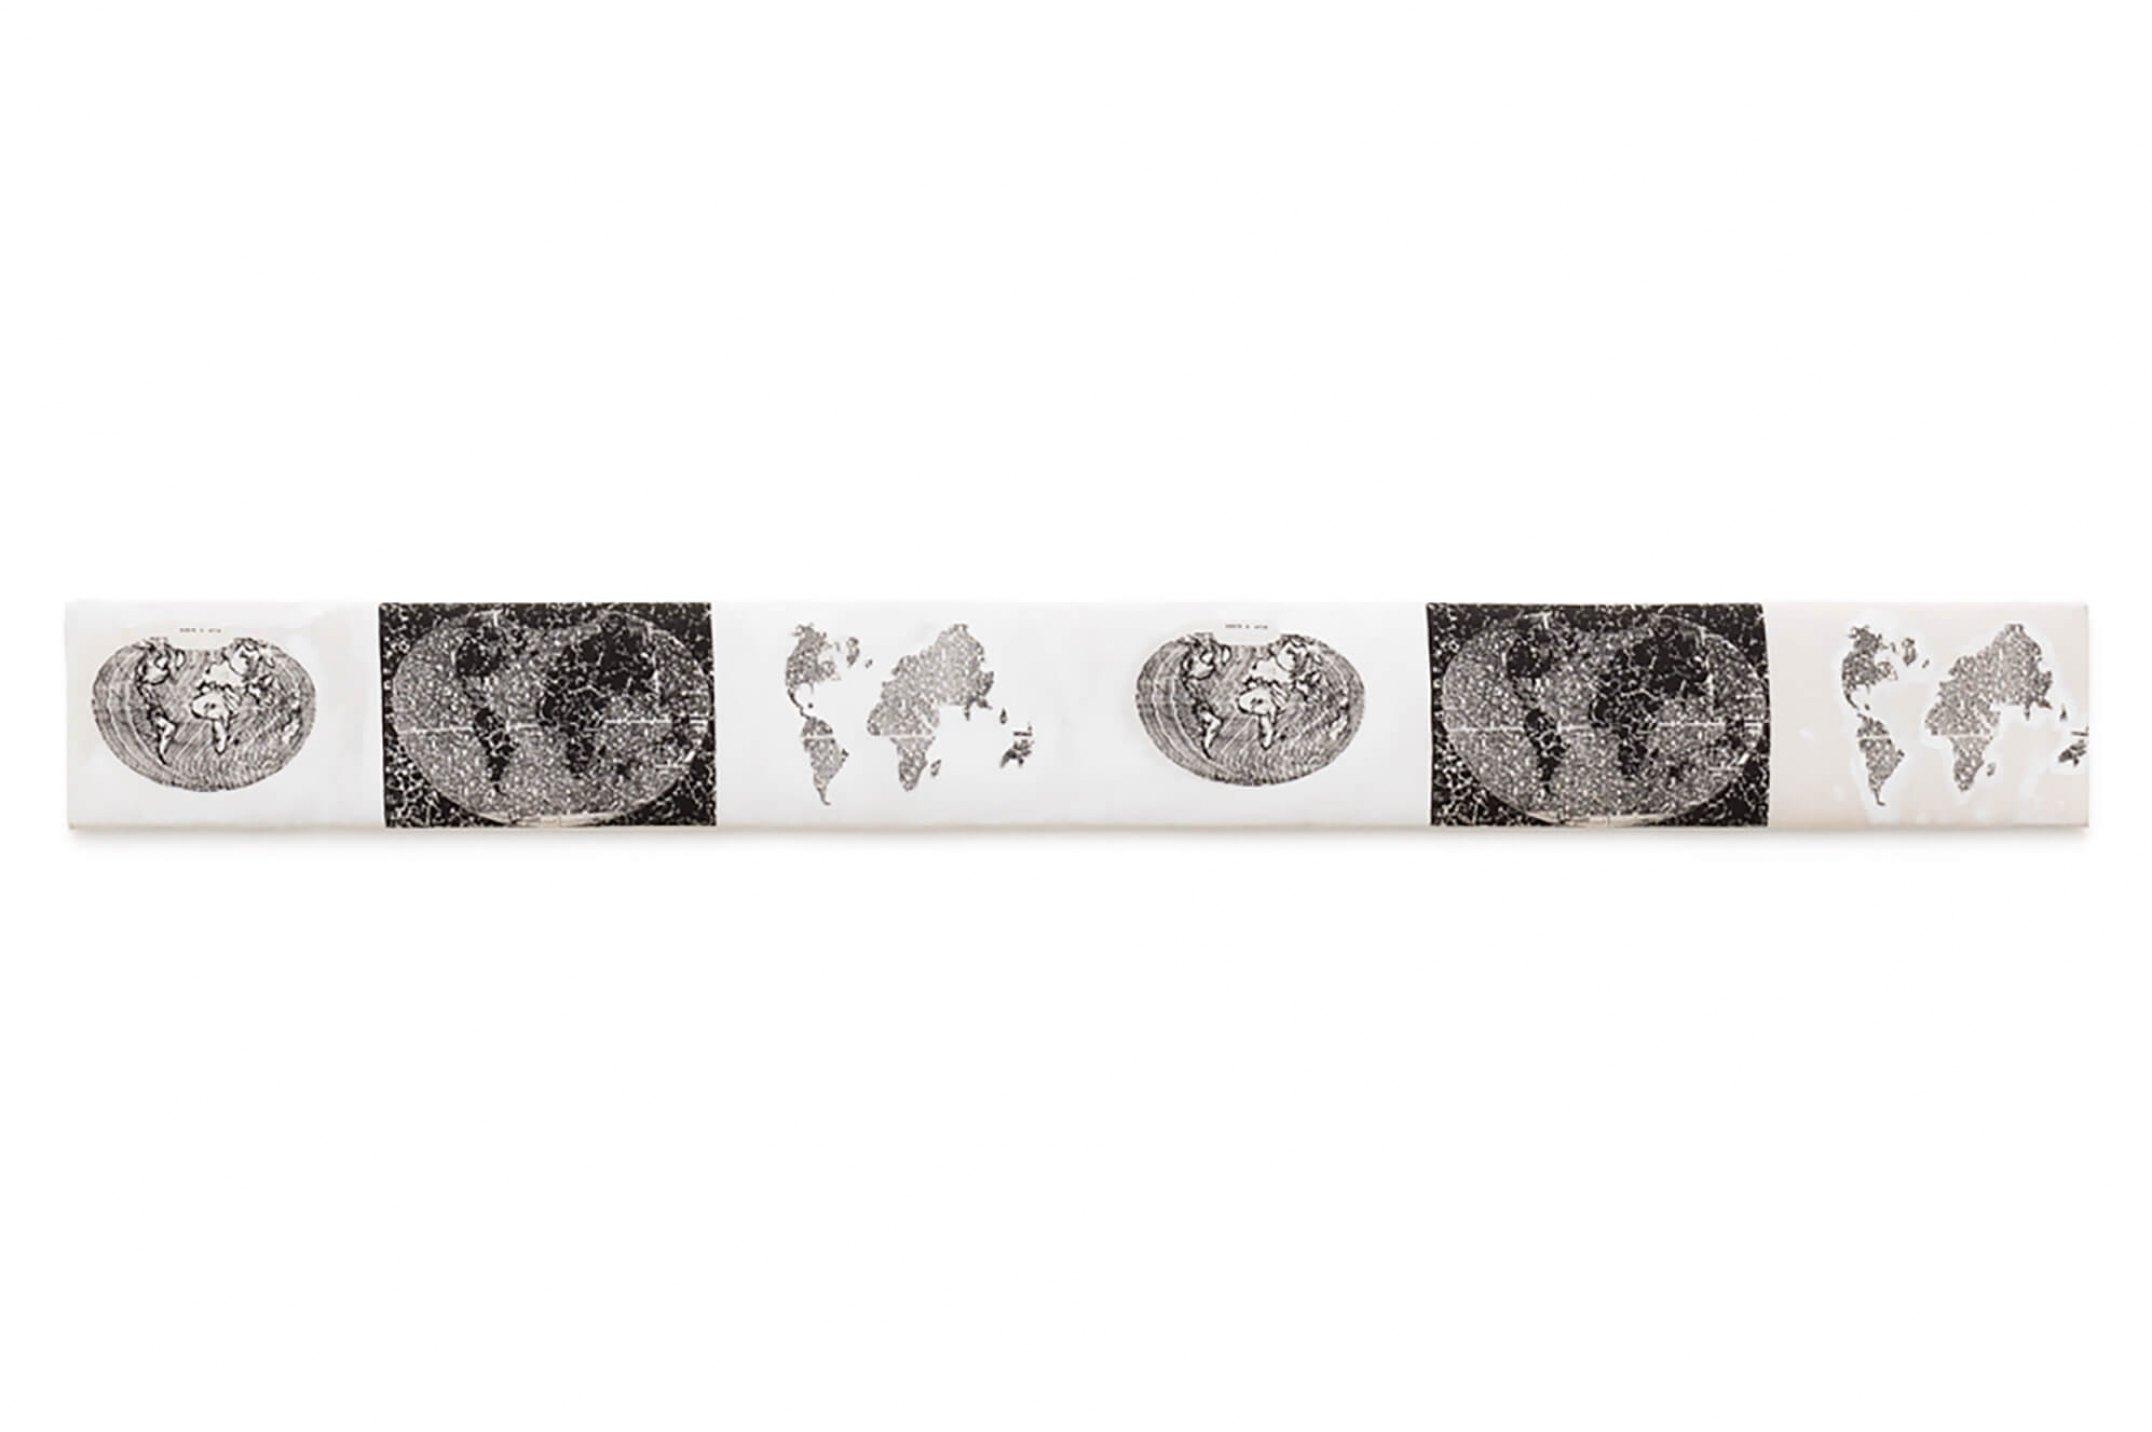 Anna Bella Geiger,<em>Friso macio – Sobre a arte,</em>1980, acrylic on linen, engraving and screen printing, 17 × 148 cm - Mendes Wood DM